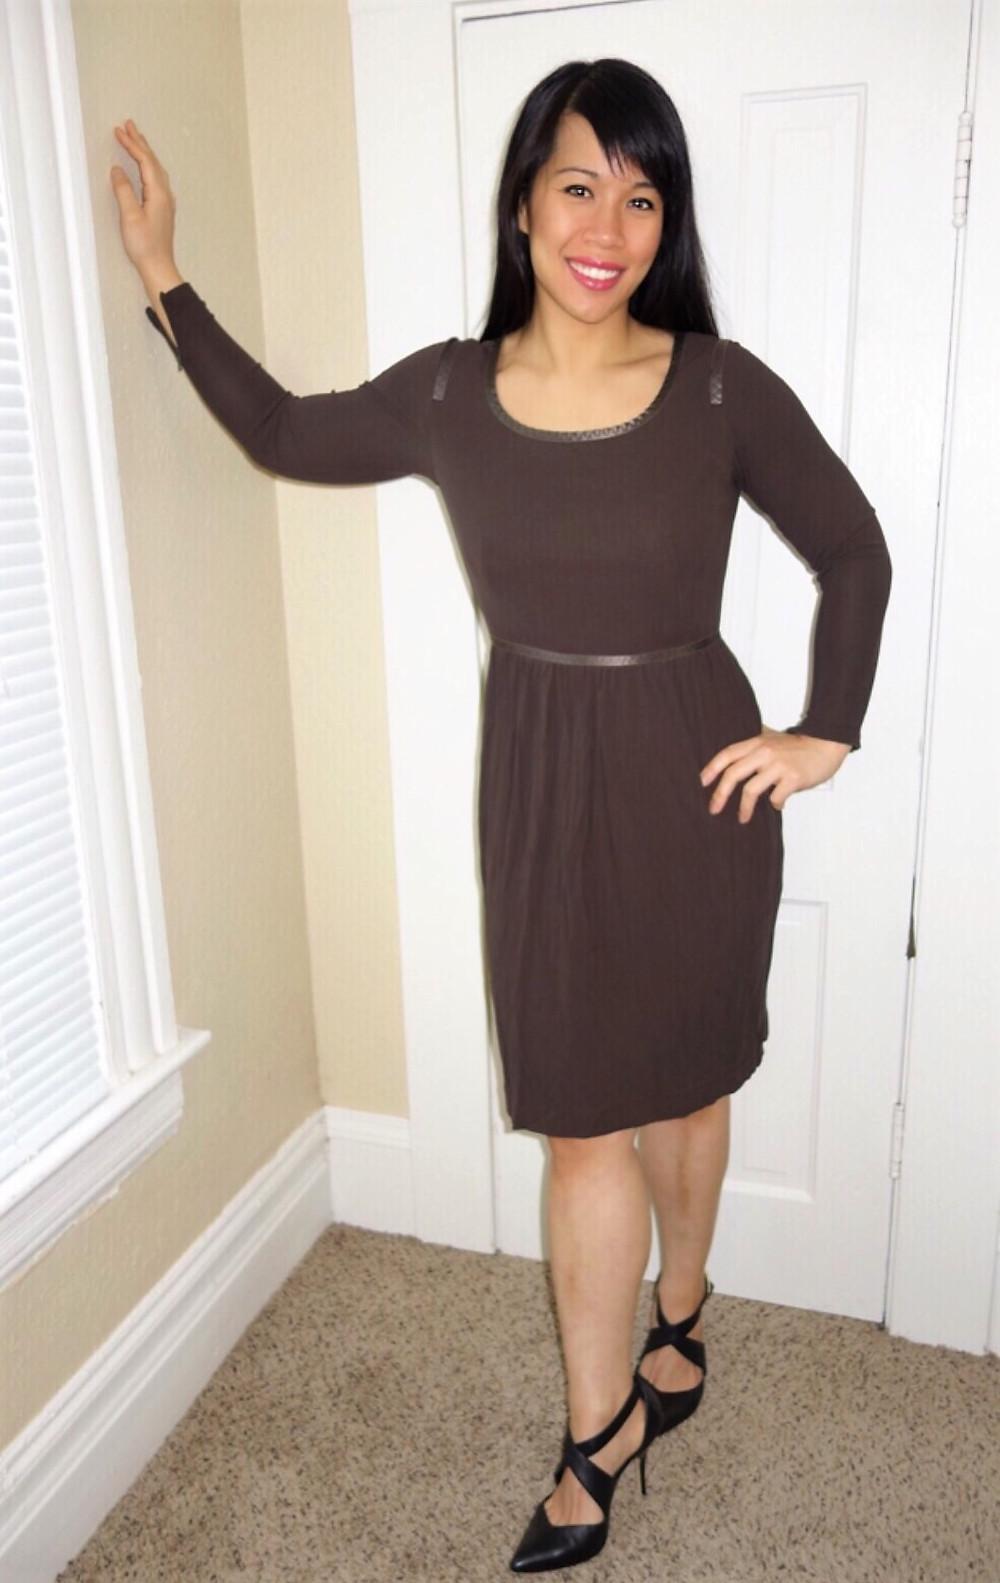 Kat wearing a sheath dress to illustrate minimalist style